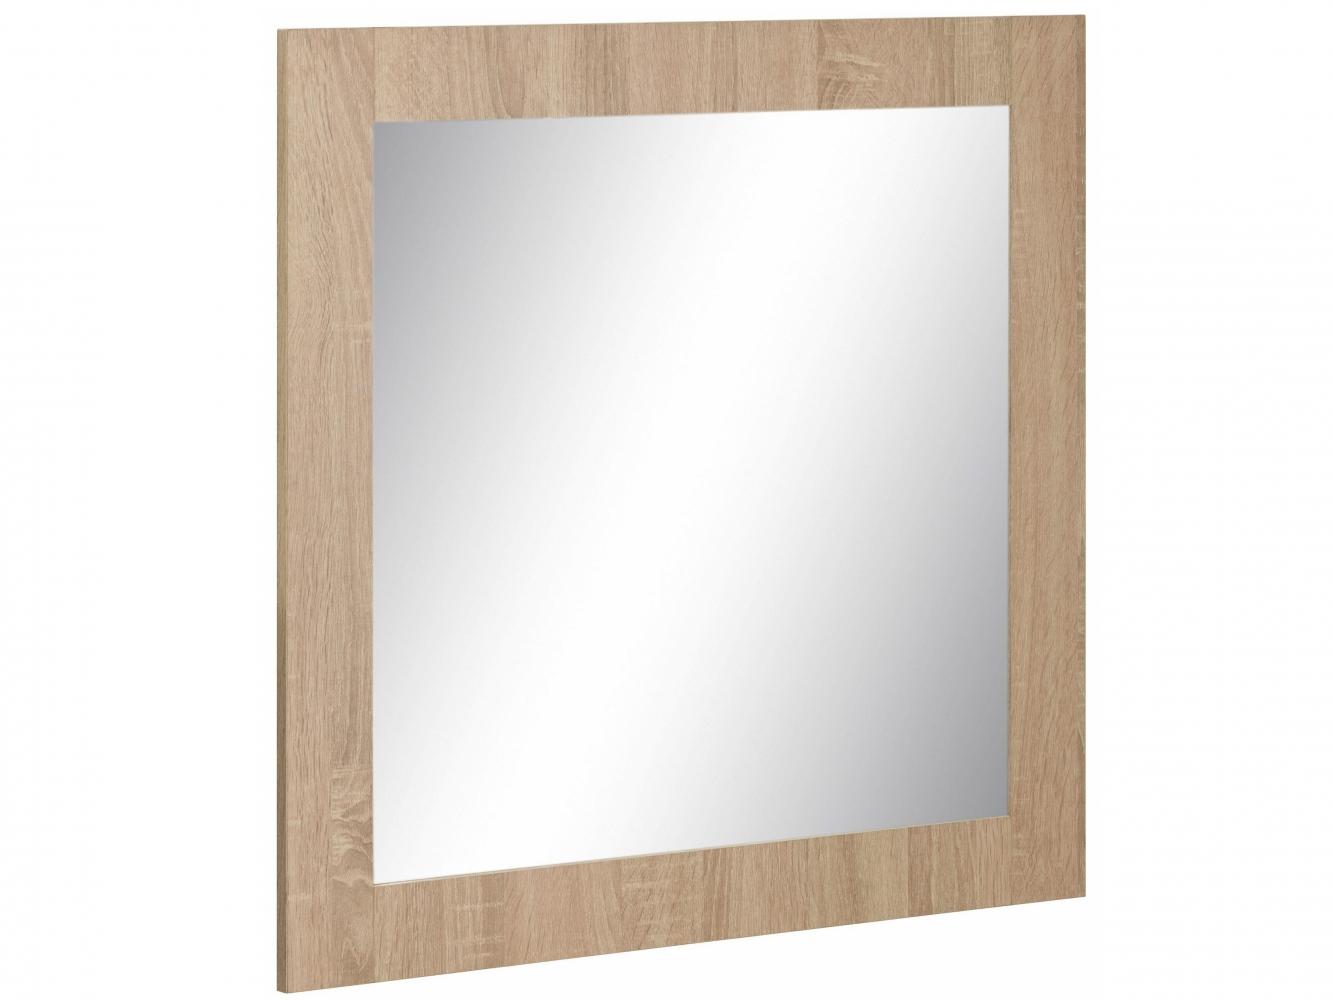 Nástěnné zrcadlo Agat, 70 cm, dub